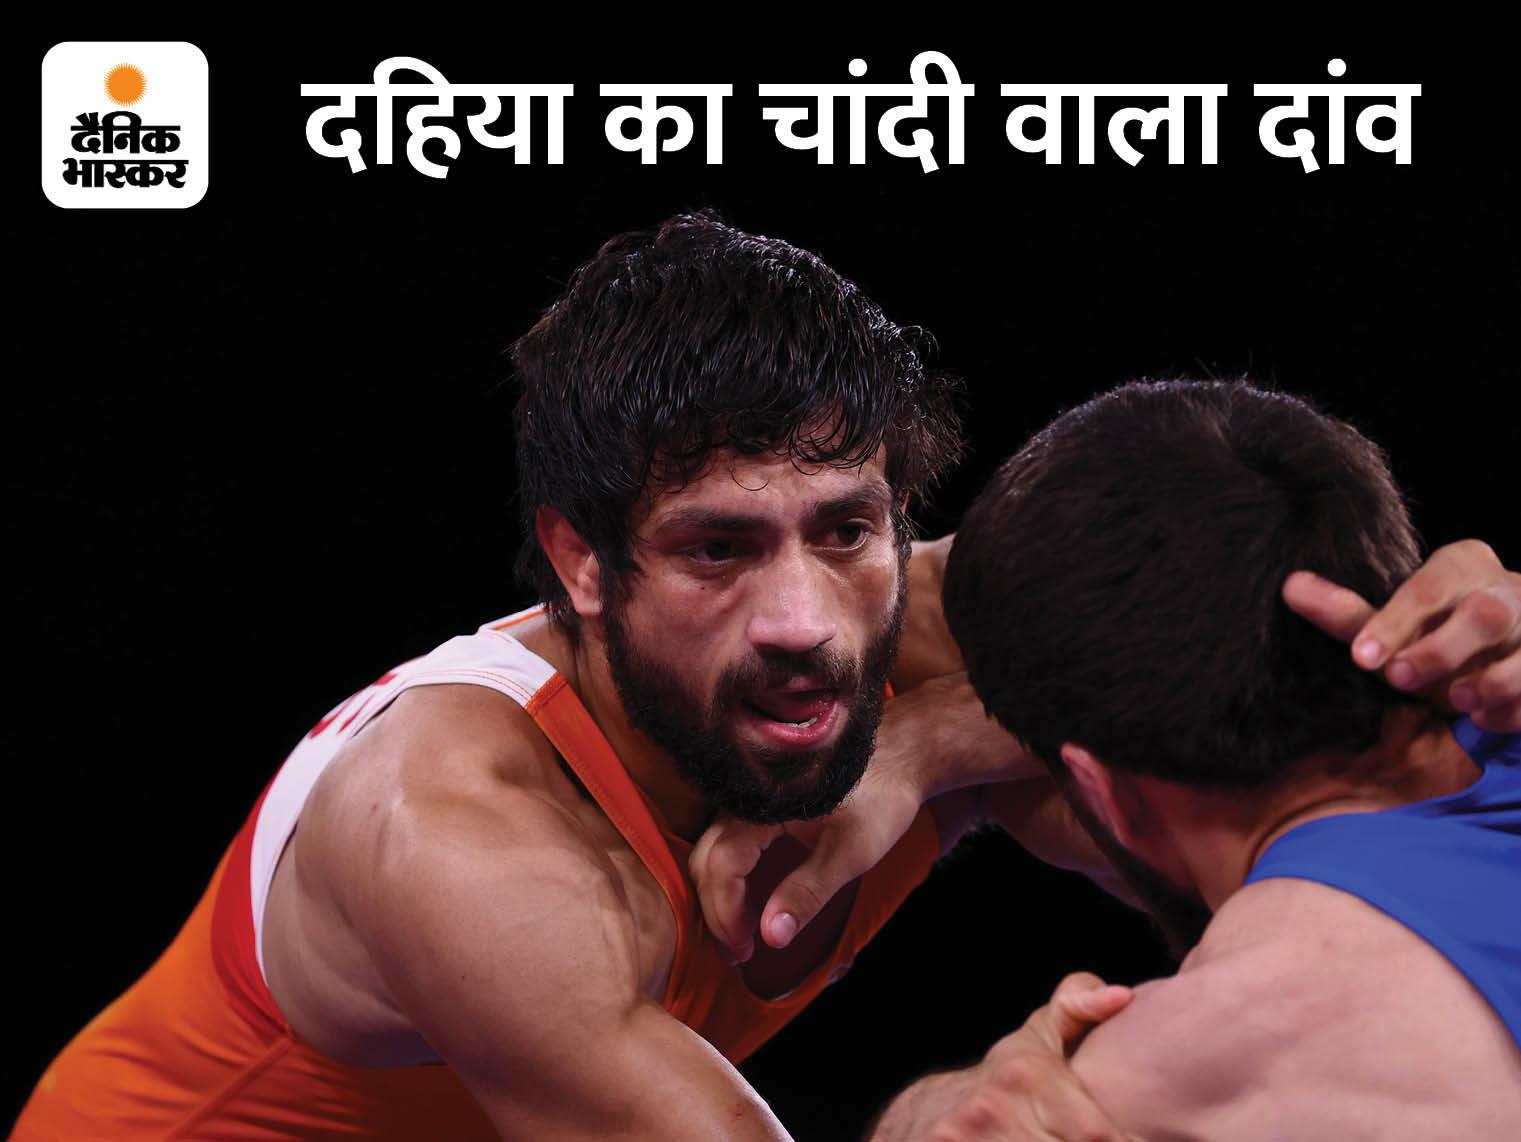 टोक्यो ओलिंपिक में रवि दहिया ने सिल्वर जीता, मोदी ने फोन पर उनसे कहा- ये जीत देश को प्रेरणा देगी|टोक्यो ओलिंपिक,Tokyo Olympics - Dainik Bhaskar